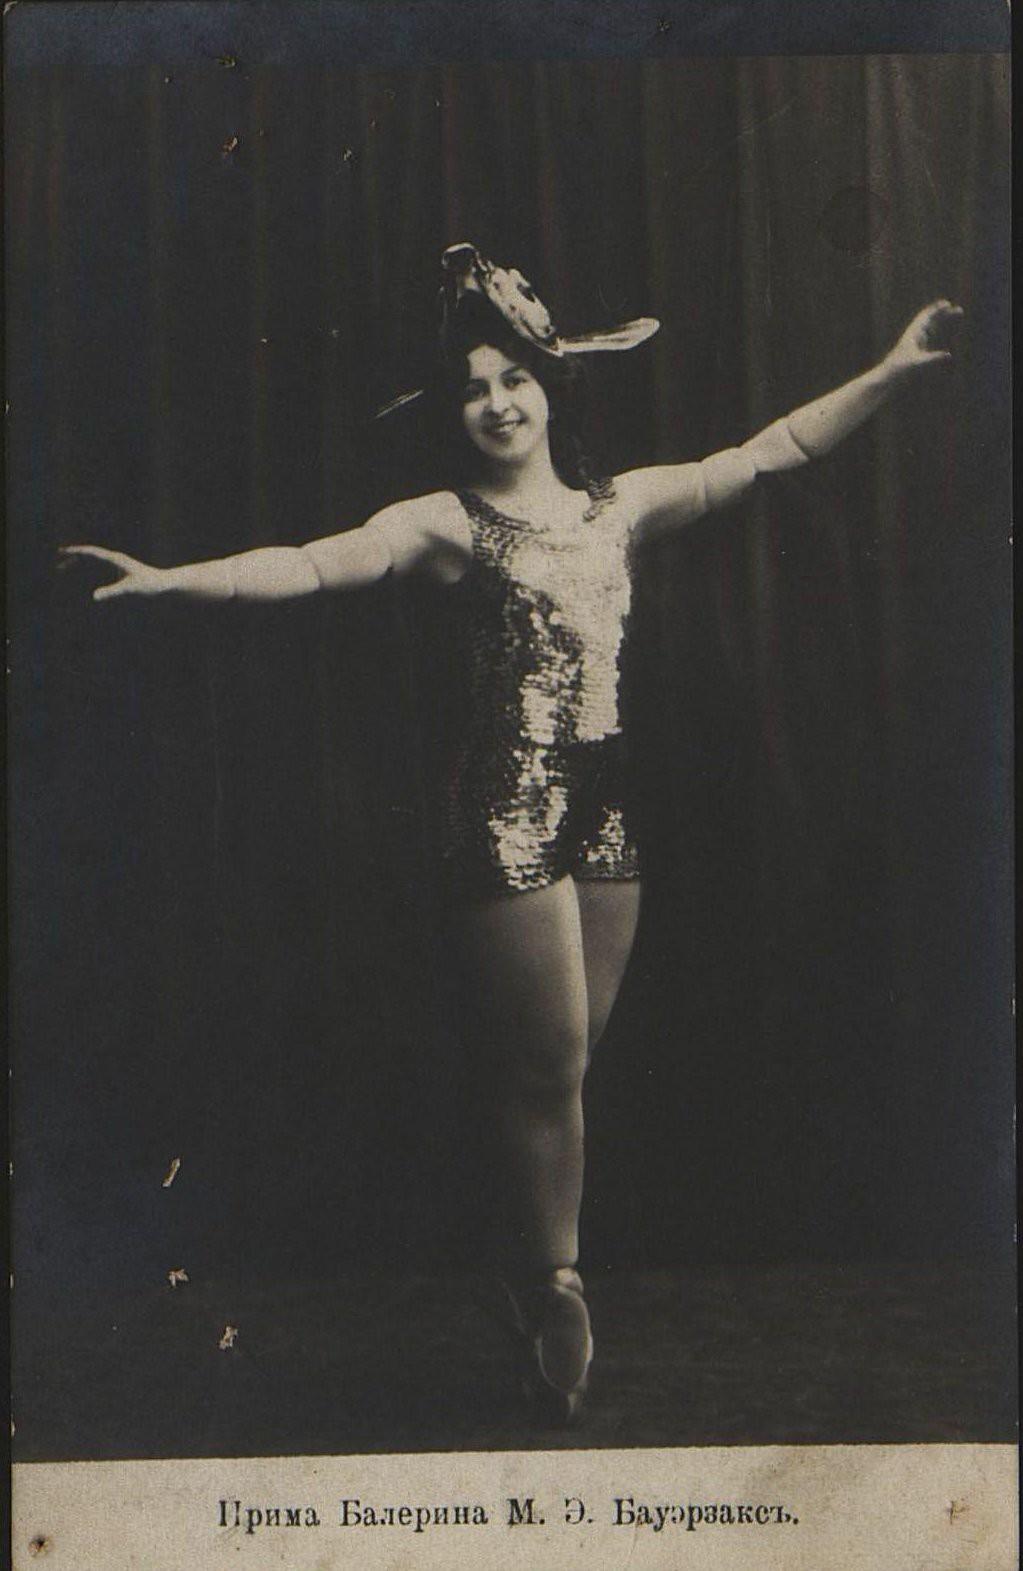 Бауэрзакс М.Э., прима балерина балетной группы Одесского городского оперного театра.  Не позднее 19 марта 1912